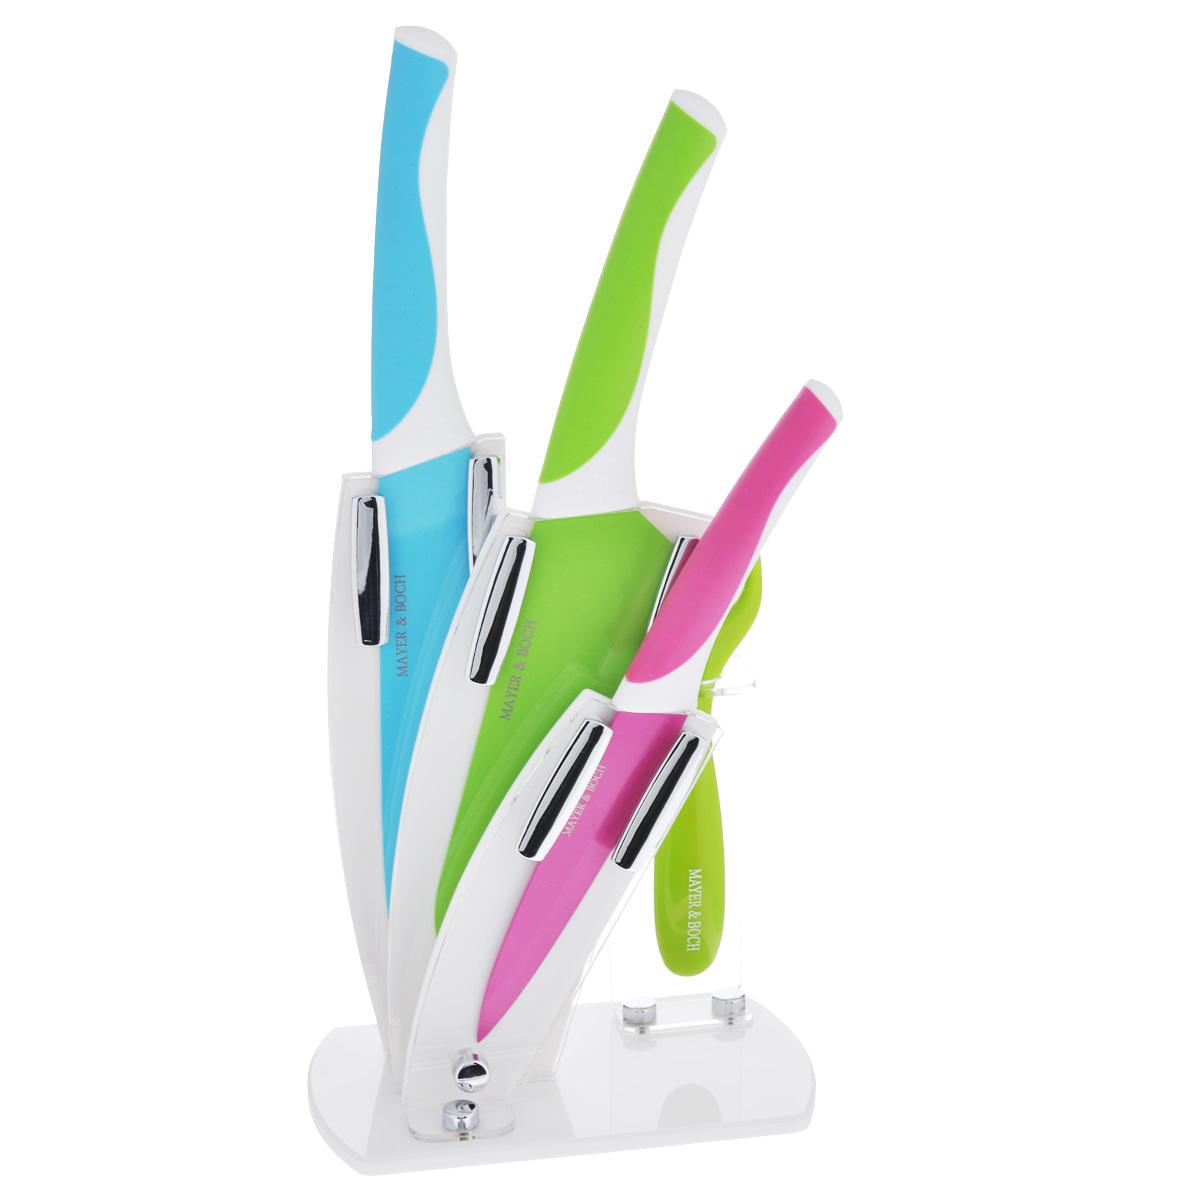 Набор ножей Mayer & Boch, 5 предметов. 2331923319Набор ножей Mayer & Boch состоит из 3 ножей (разделочный, сантоку, универсальный), ножа-пиллера и подставки. Лезвия ножей выполнены из высококачественной нержавеющей стали (3CR13) с покрытием non-stick. Такое покрытие предотвращает прилипание продуктов к лезвию ножа, продукты моментально отлипают, что позволяет нарезать быстро. Покрытие также предотвращает ржавление. Режущая кромка лезвий устойчива к притуплению. Рукоятки эргономичной формы выполнены из пластика с прорезиненными вставками. Специальный дизайн рукоятки обеспечивает комфортный и легко контролируемый захват. В комплект входит акриловая подставка. В наборе есть все необходимое для ежедневной нарезки фруктов, овощей и мяса. Ножи не рекомендуется мыть в посудомоечной машине. Длина лезвия универсального ножа: 12,7 см. Общая длина универсального ножа: 24,5 см. Длина лезвия ножа сантоку: 17,8 см. Общая длина ножа сантоку: 30 см. Длина лезвия разделочного ножа:...